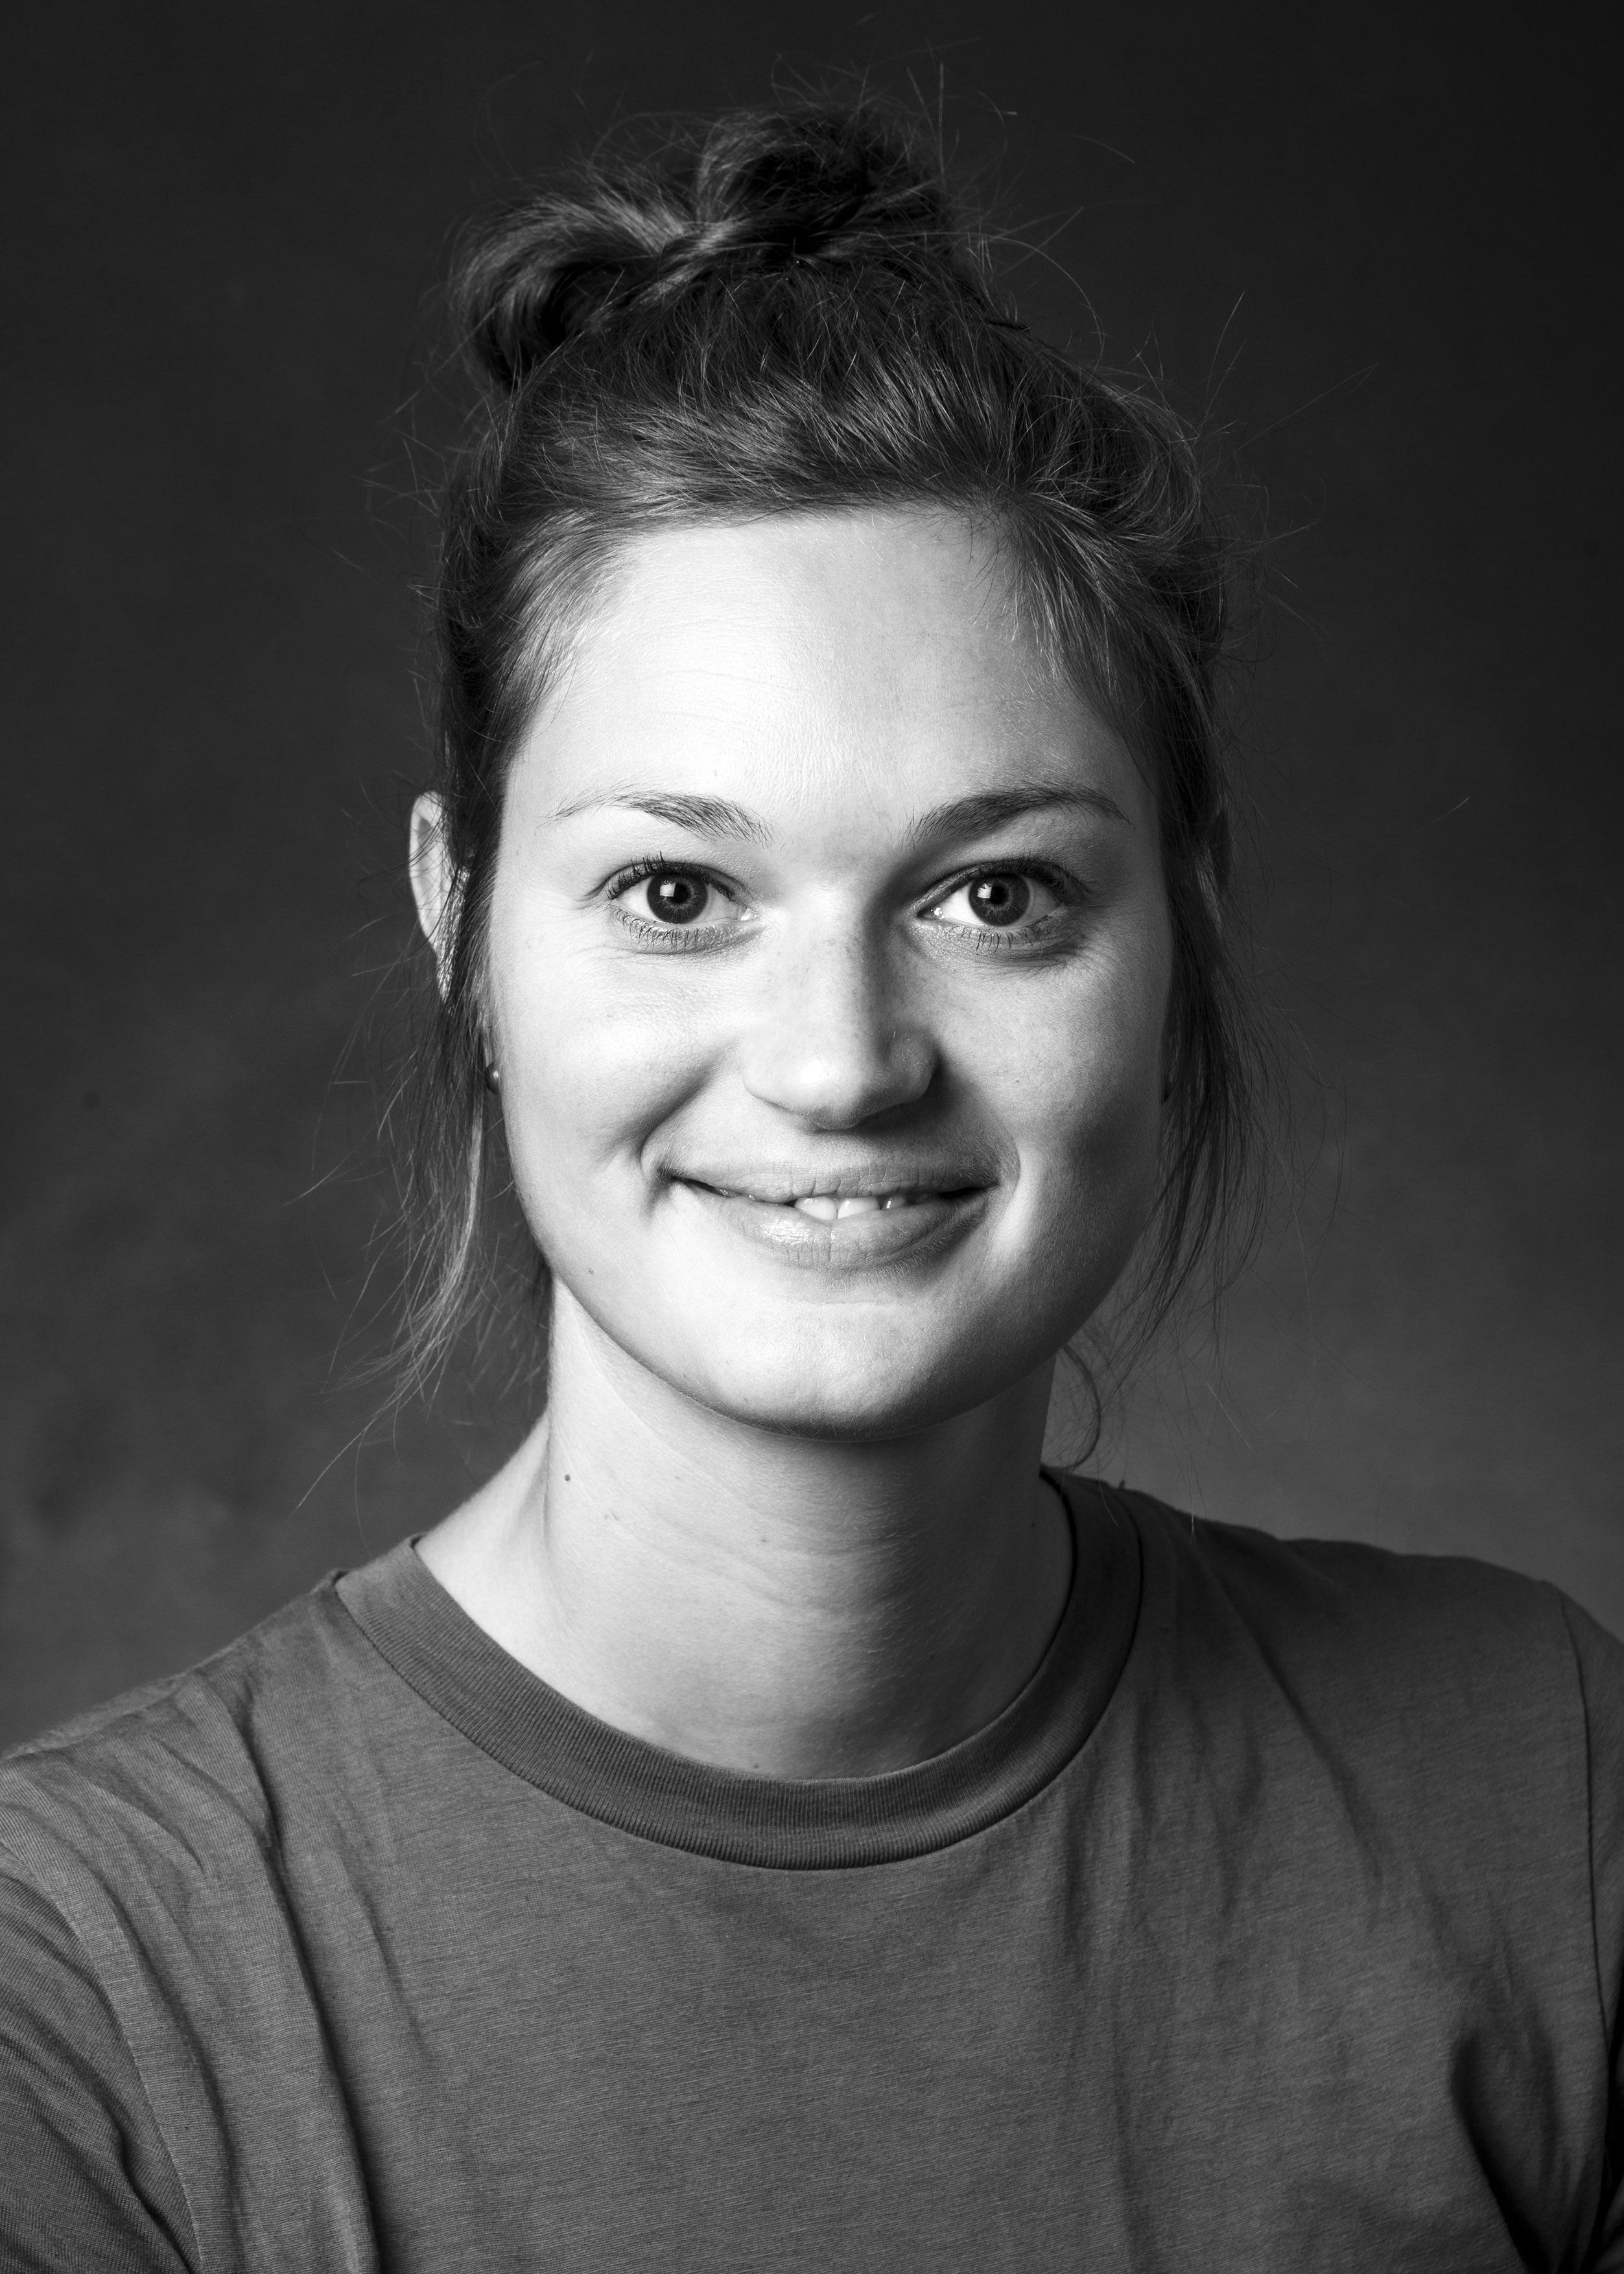 Marie Kristine Jessen Pedersen